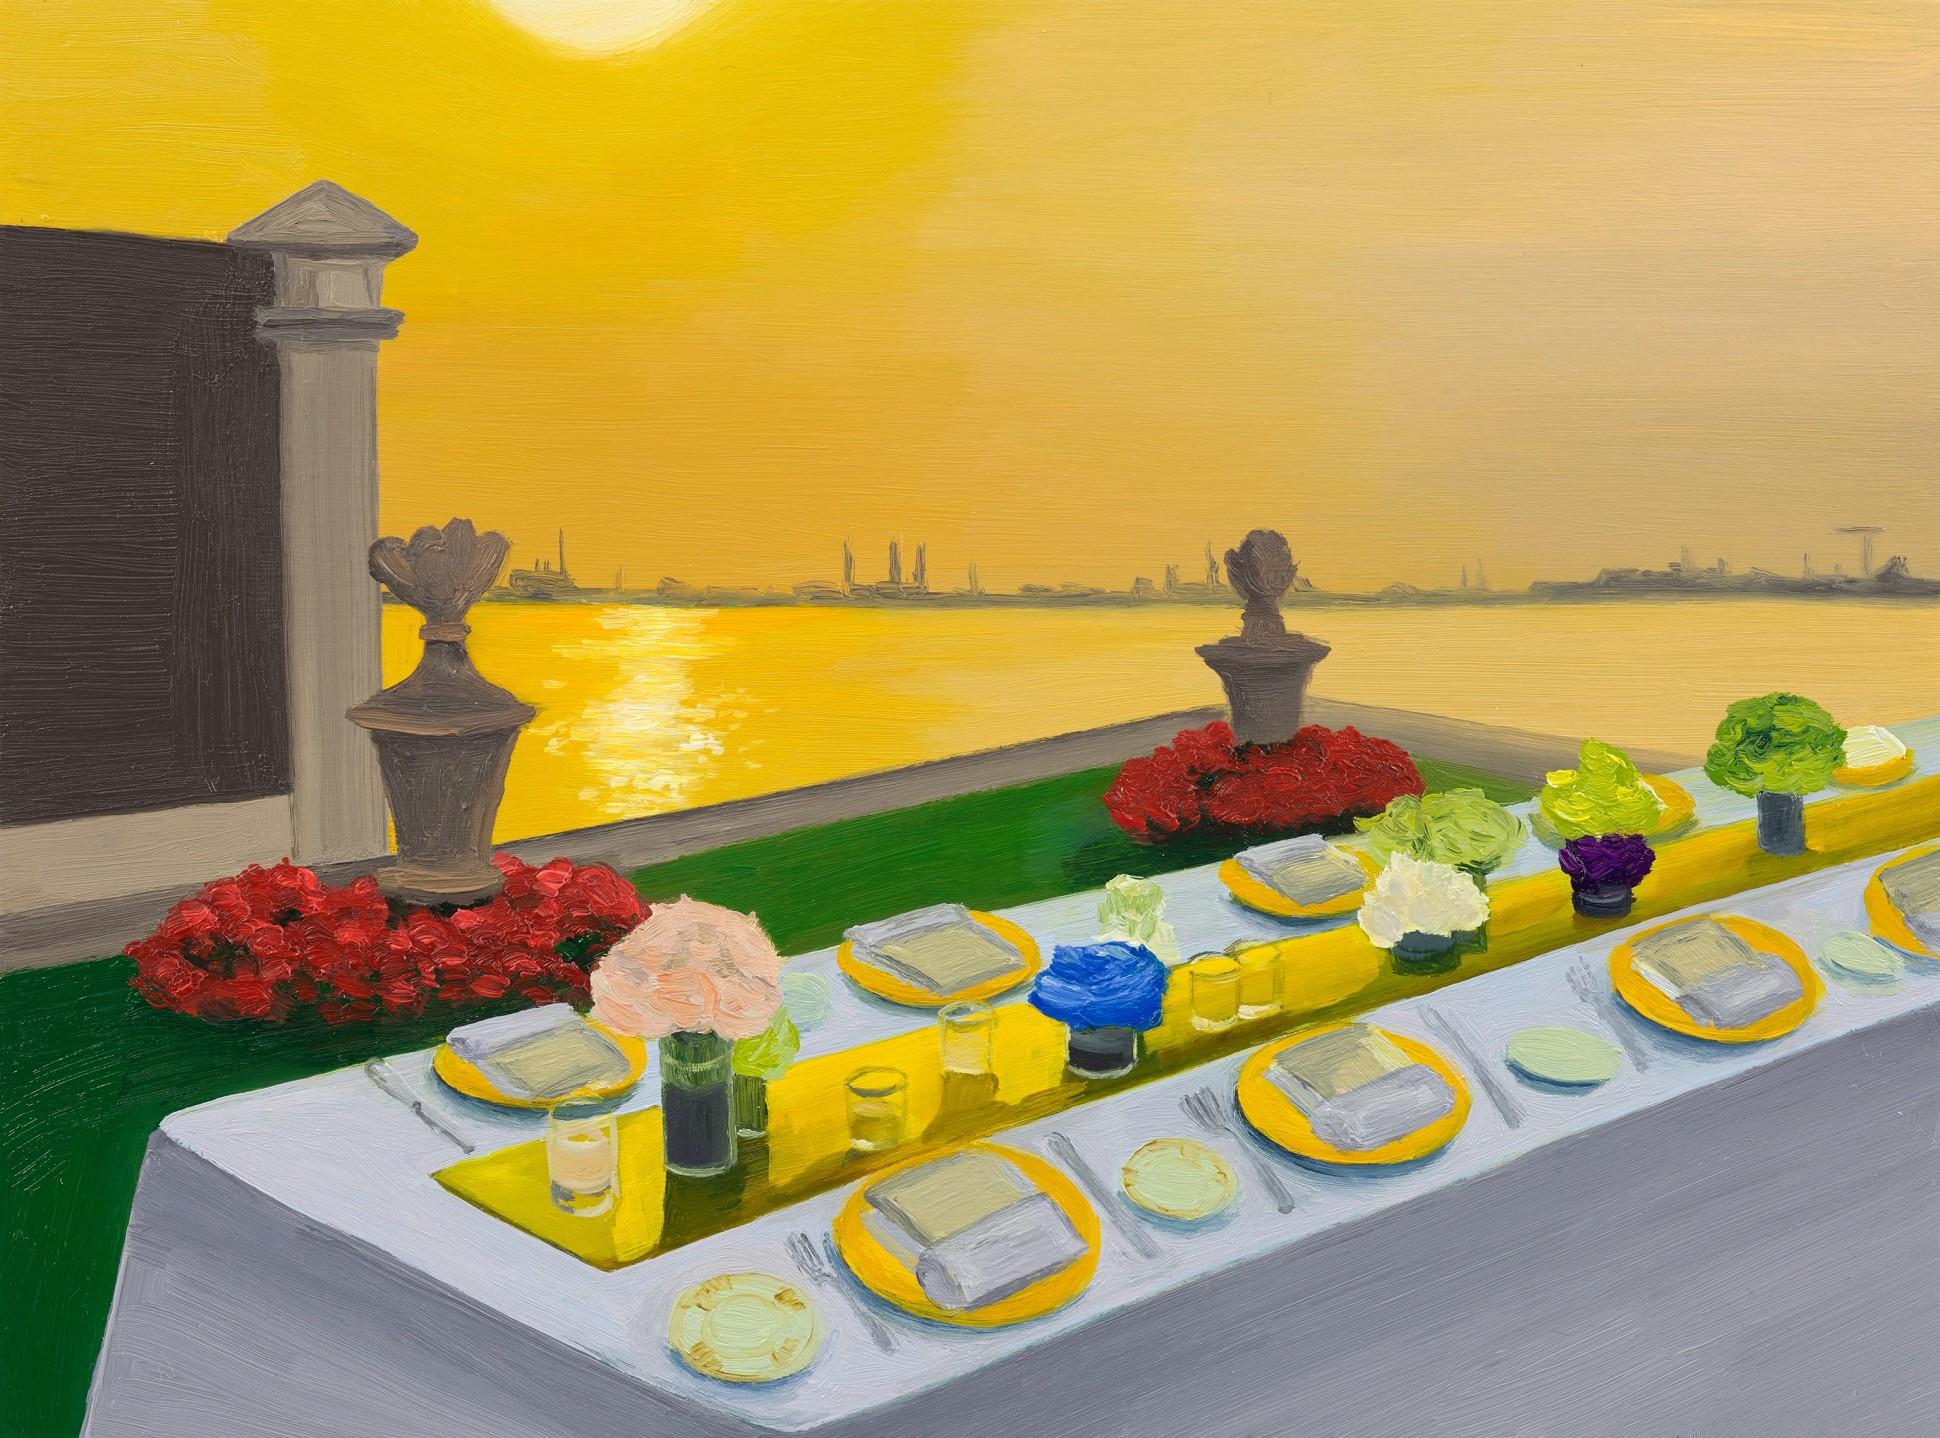 Biennale Dinner, 2021 Oil on panel 15 x 20.5 cm. / 6 x 8 in.